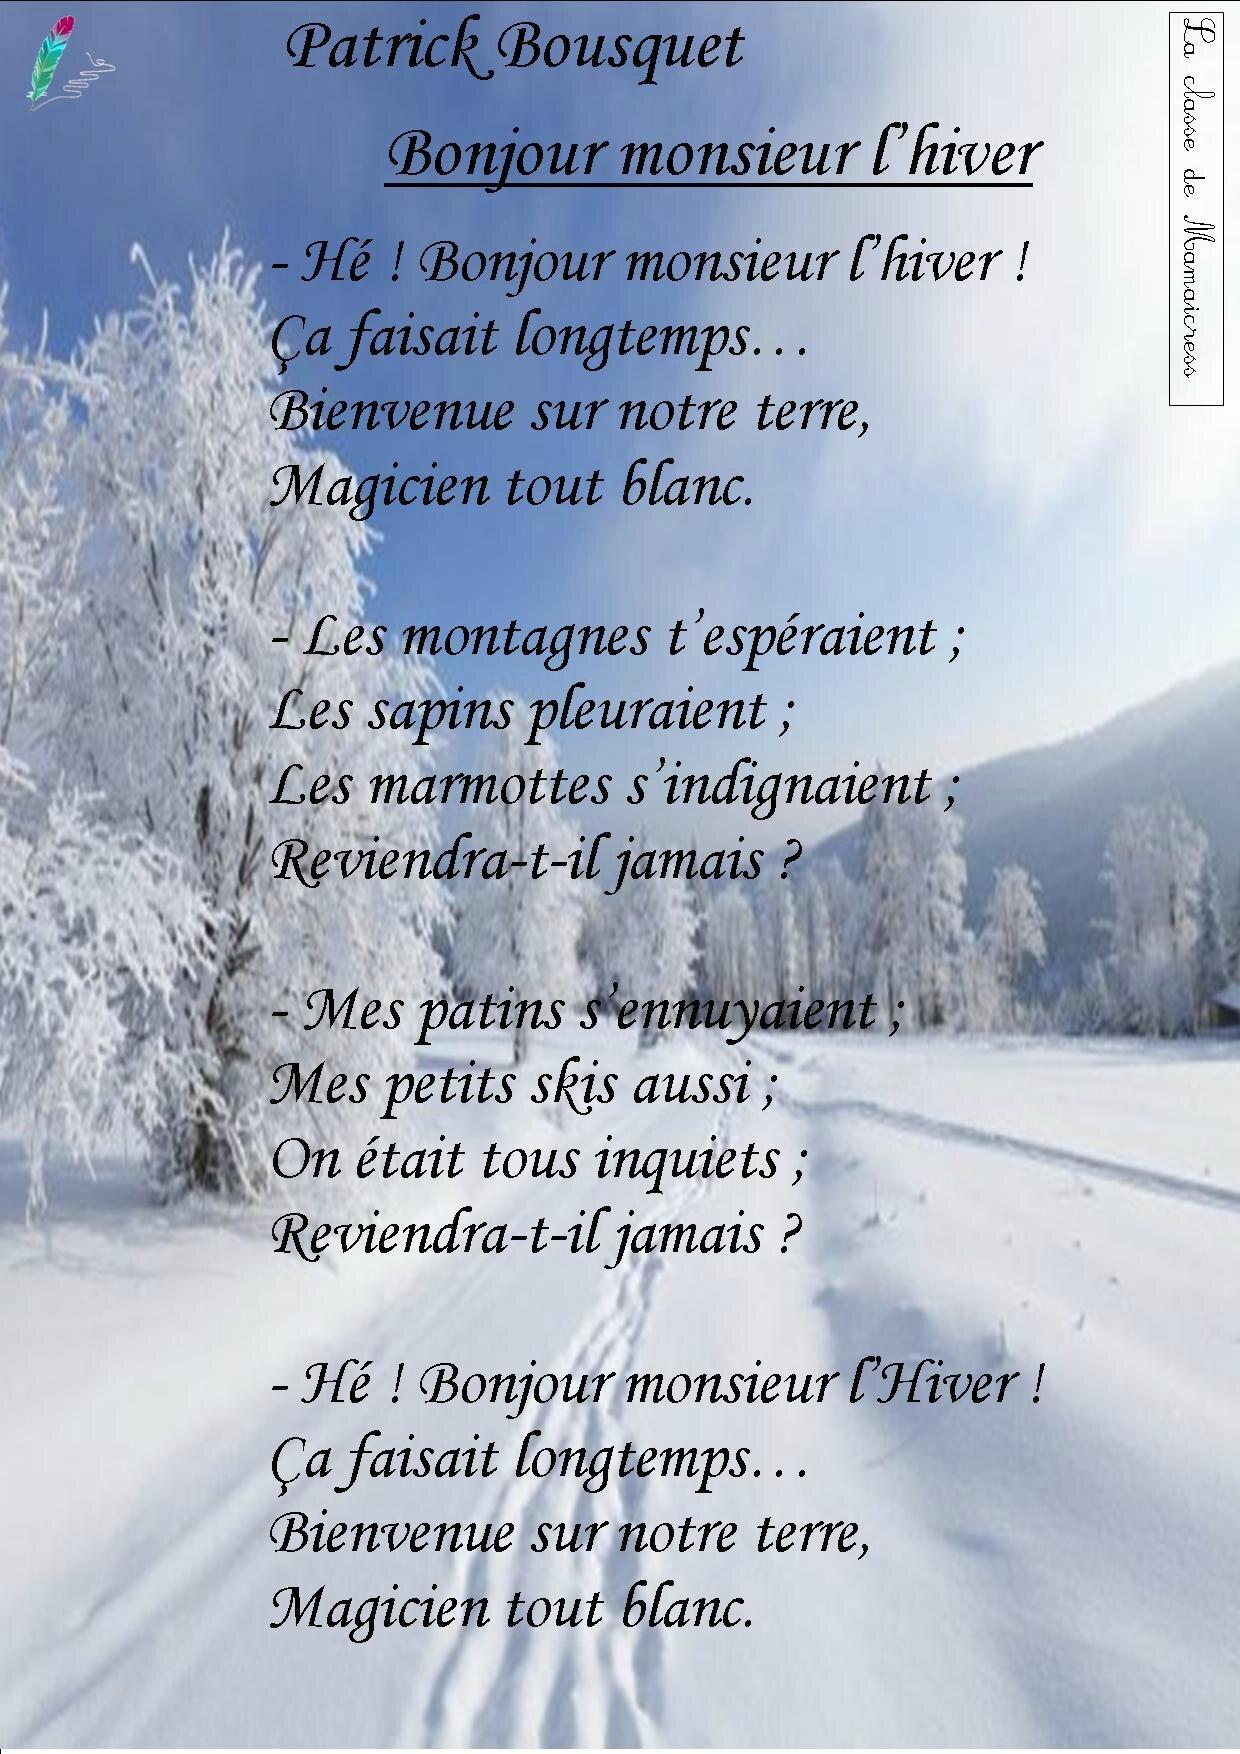 Bonjour Monsieur L Hiver Poésie : bonjour, monsieur, hiver, poésie, Poésies, L'hiver,, Noël, Classe, Mamaicress